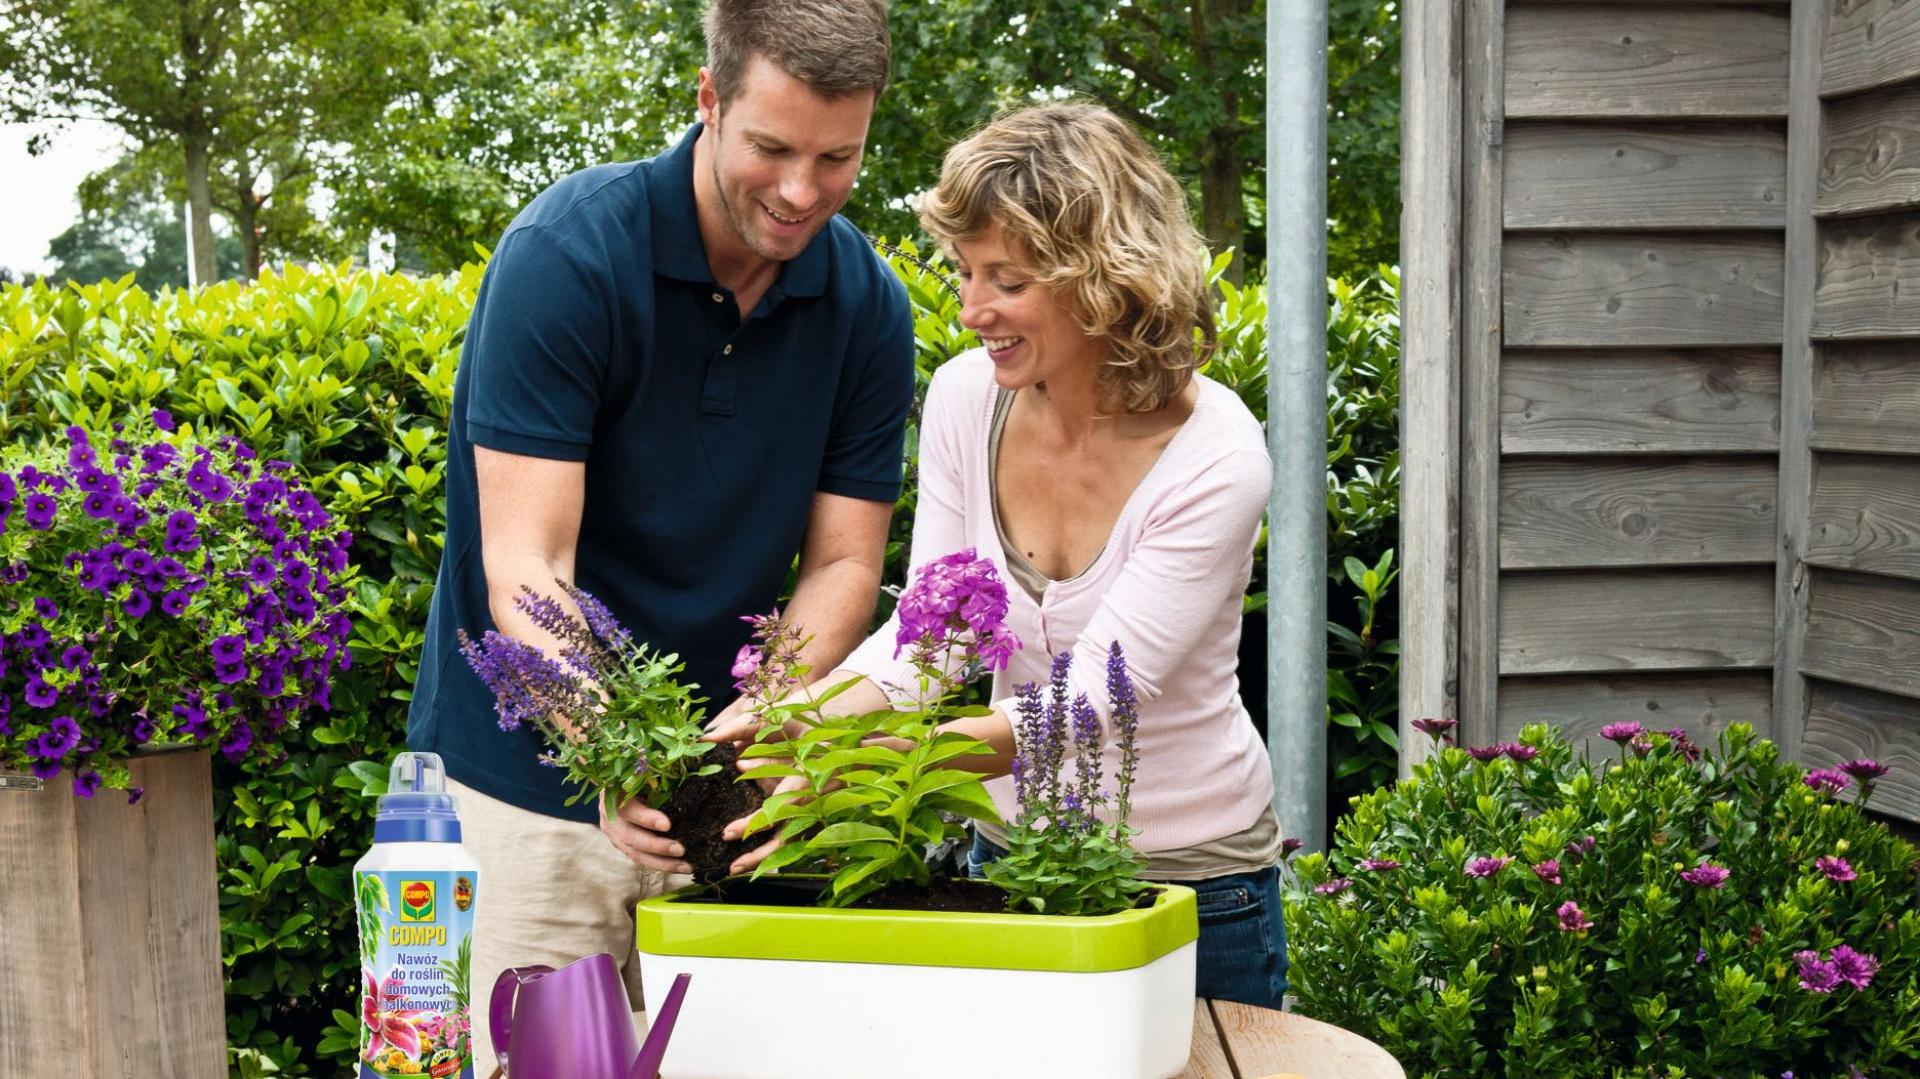 Wiosna to czas na sadzenie kwiatów, które będą upiększać otoczenie naszego domu przez najbliższe miesiące. Fot. Praktiker.